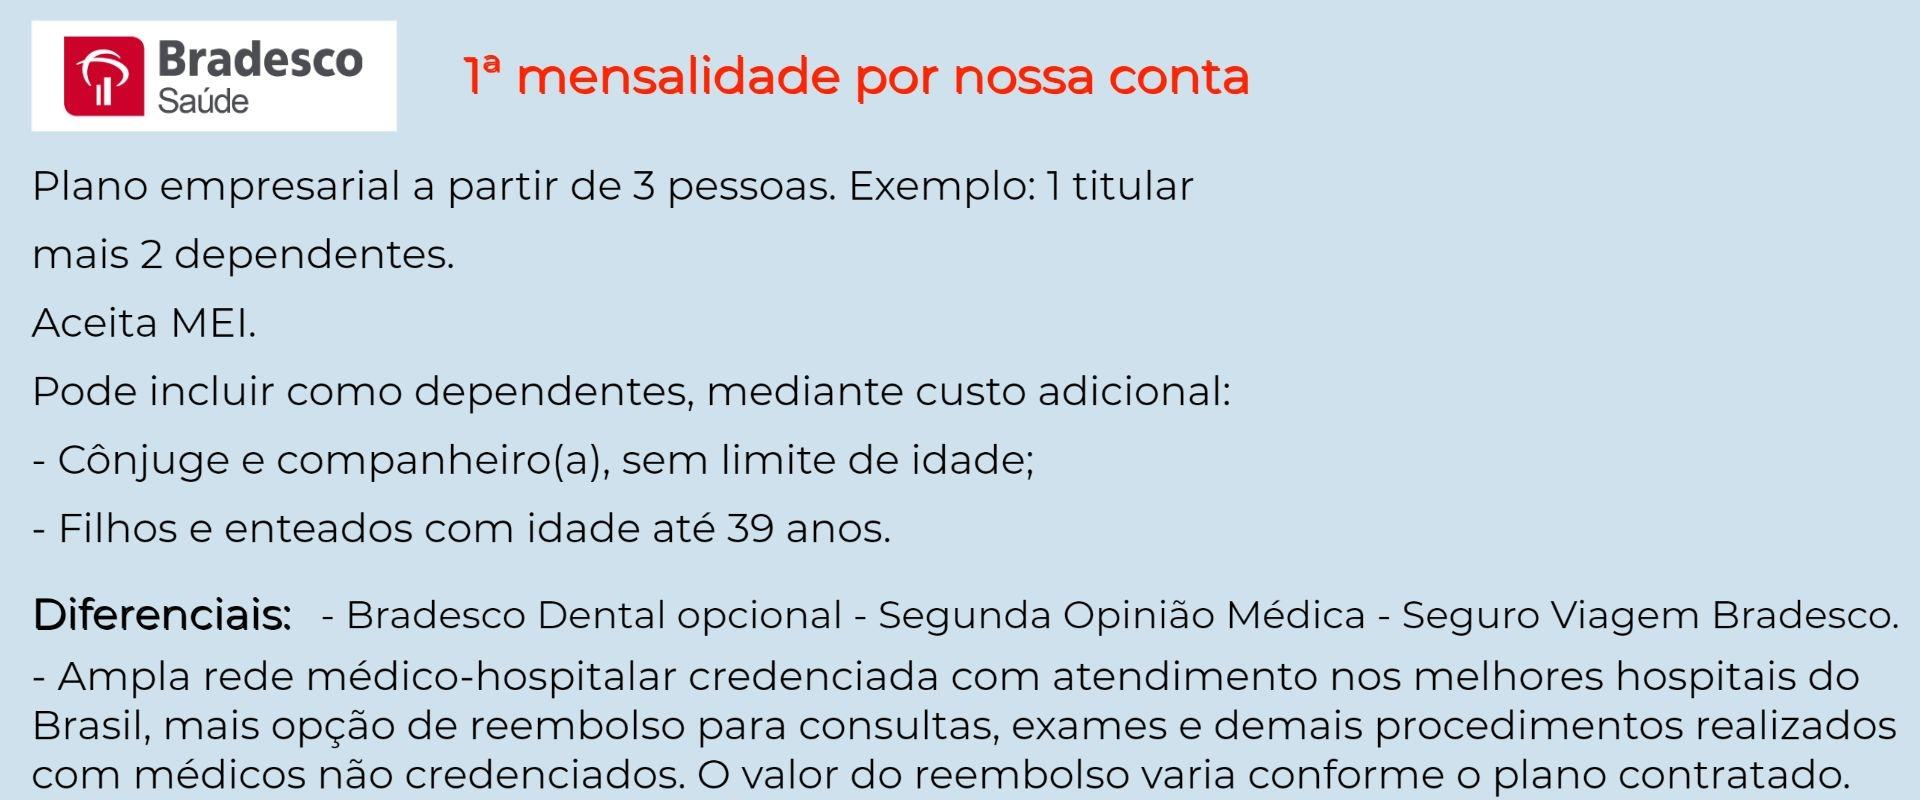 Bradesco Saúde Empresarial – São João Del Rei